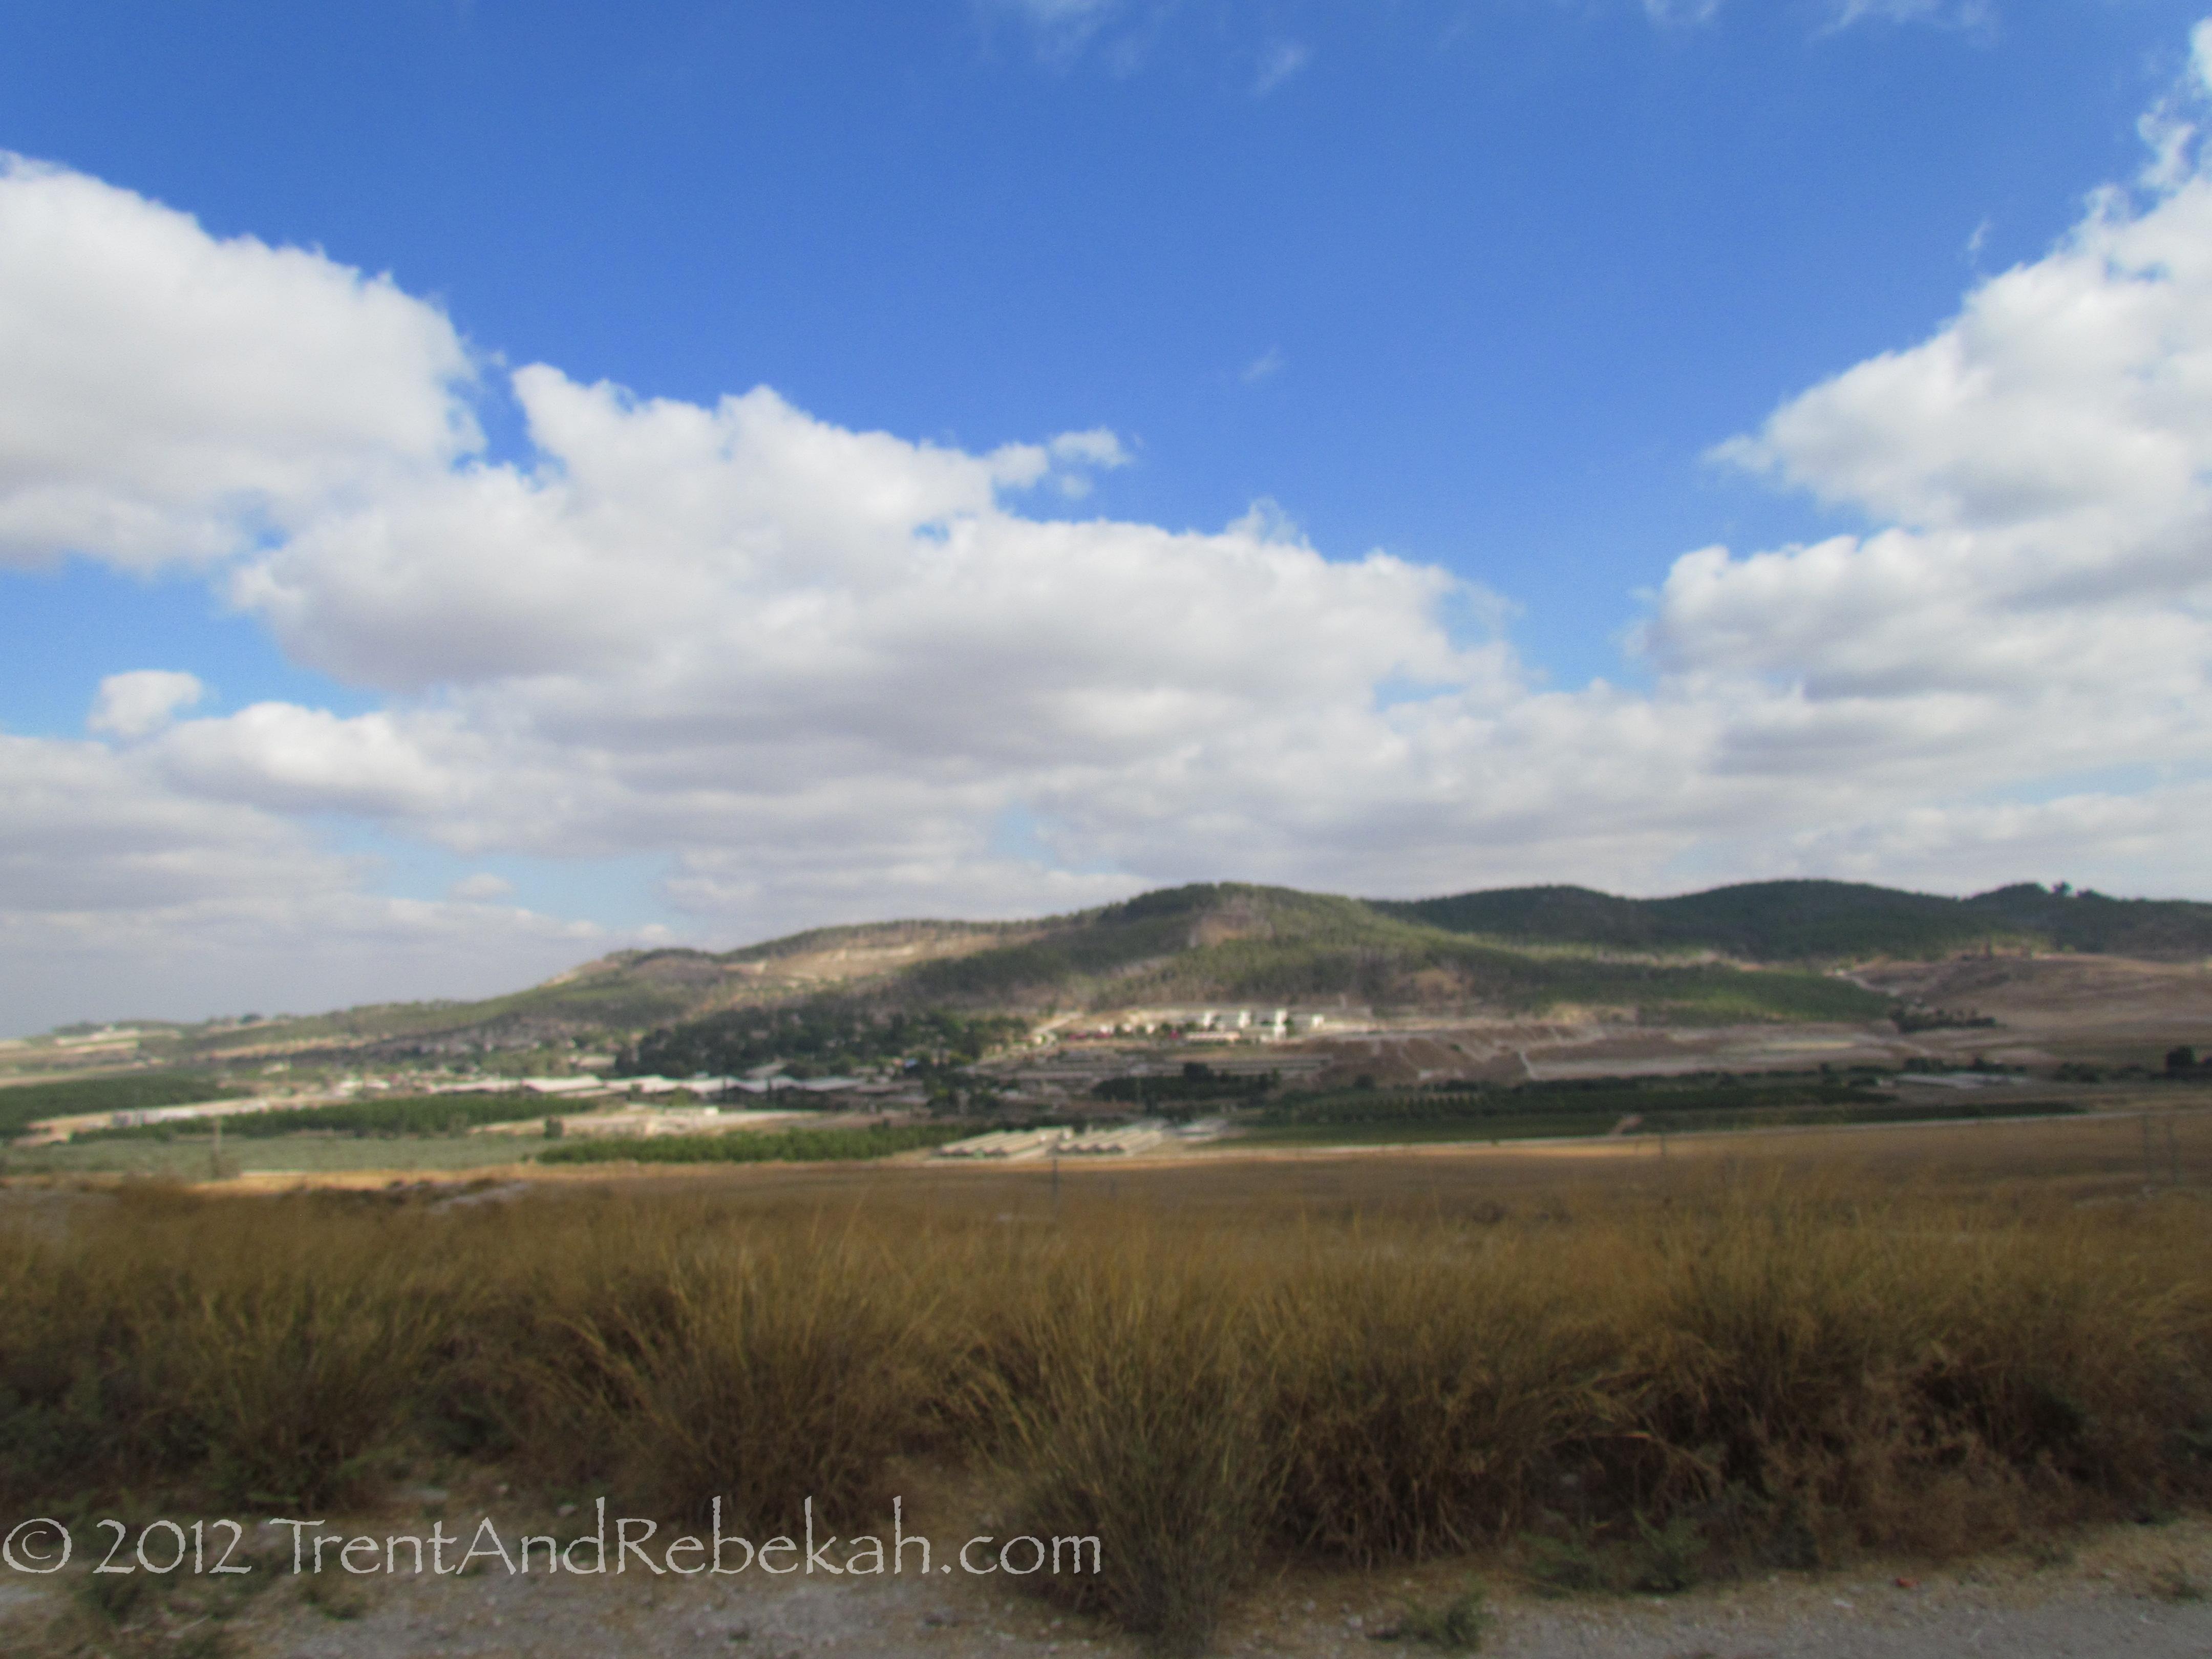 At Beth Shemesh Ark: Beth-Shemesh Samson David